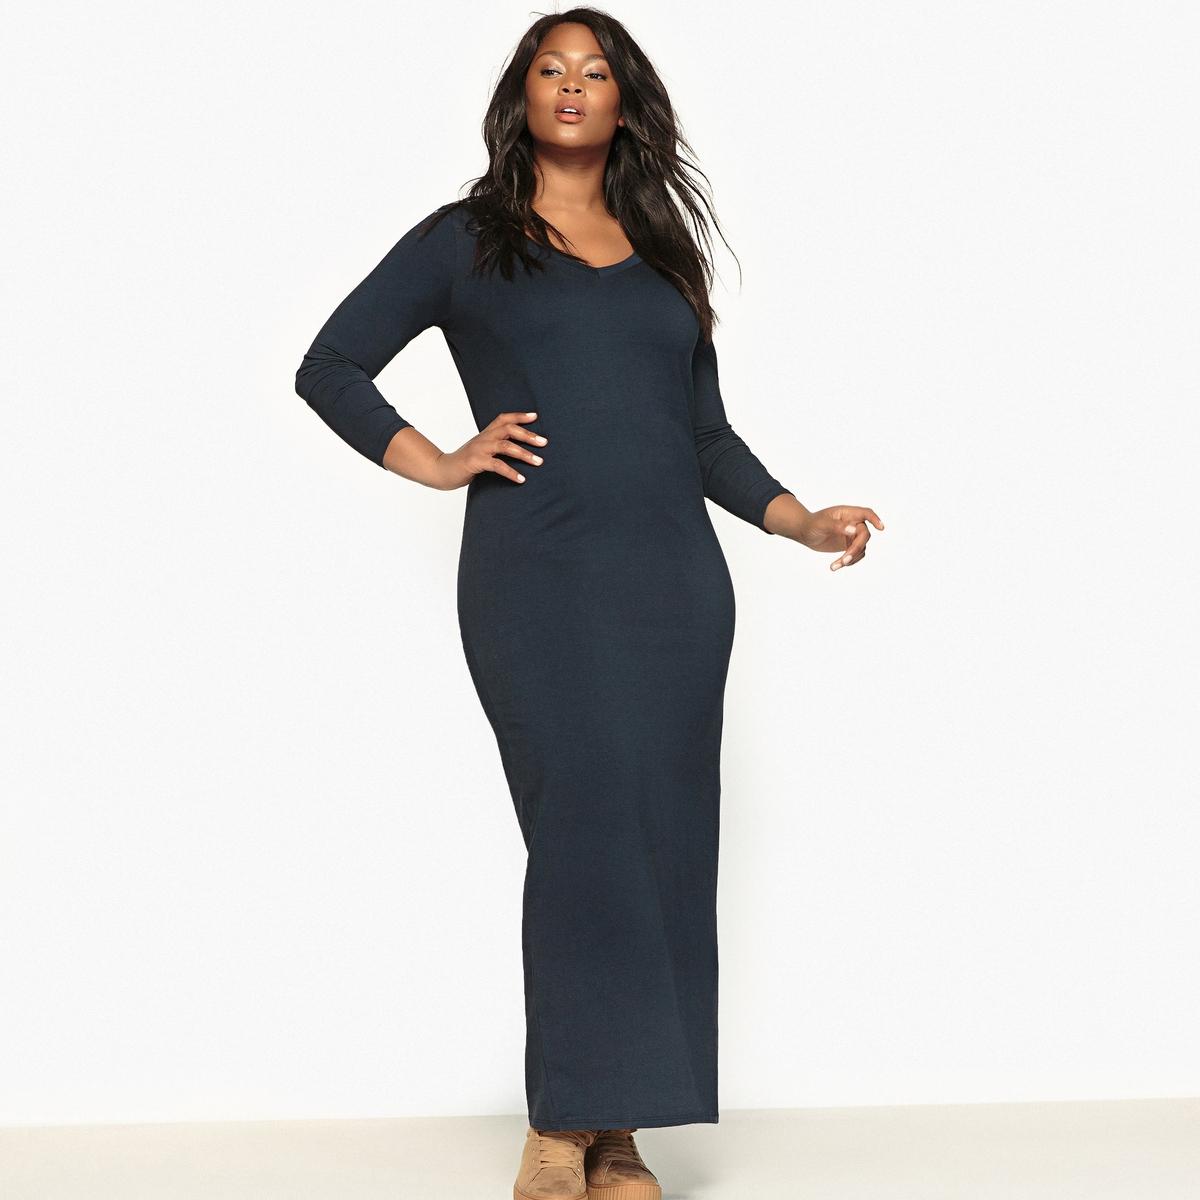 Платье длинное трикотажное с длинными рукавамиОчень женственное длинное платье из мягкого и струящегося трикотажа .Это длинное платье можно носить по любому случаю. Очаровательный V-образный вырез спереди и сзади.Детали  •  Форма : МАКСИ •  Удлиненная модель  •  Длинные рукава    •   V-образный вырез Состав и уход  •  48% хлопка, 4% эластана, 48% модала •  Стирать при 30° на деликатном режиме  •  Сухая чистка и отбеливание запрещены   •  Не использовать барабанную сушку  •  Низкая температура глажки Товар из коллекции больших размеров<br><br>Цвет: сливовый,темно-синий,черный<br>Размер: 46 (FR) - 52 (RUS).48 (FR) - 54 (RUS).50 (FR) - 56 (RUS).54 (FR) - 60 (RUS).58 (FR) - 64 (RUS).62 (FR) - 68 (RUS)